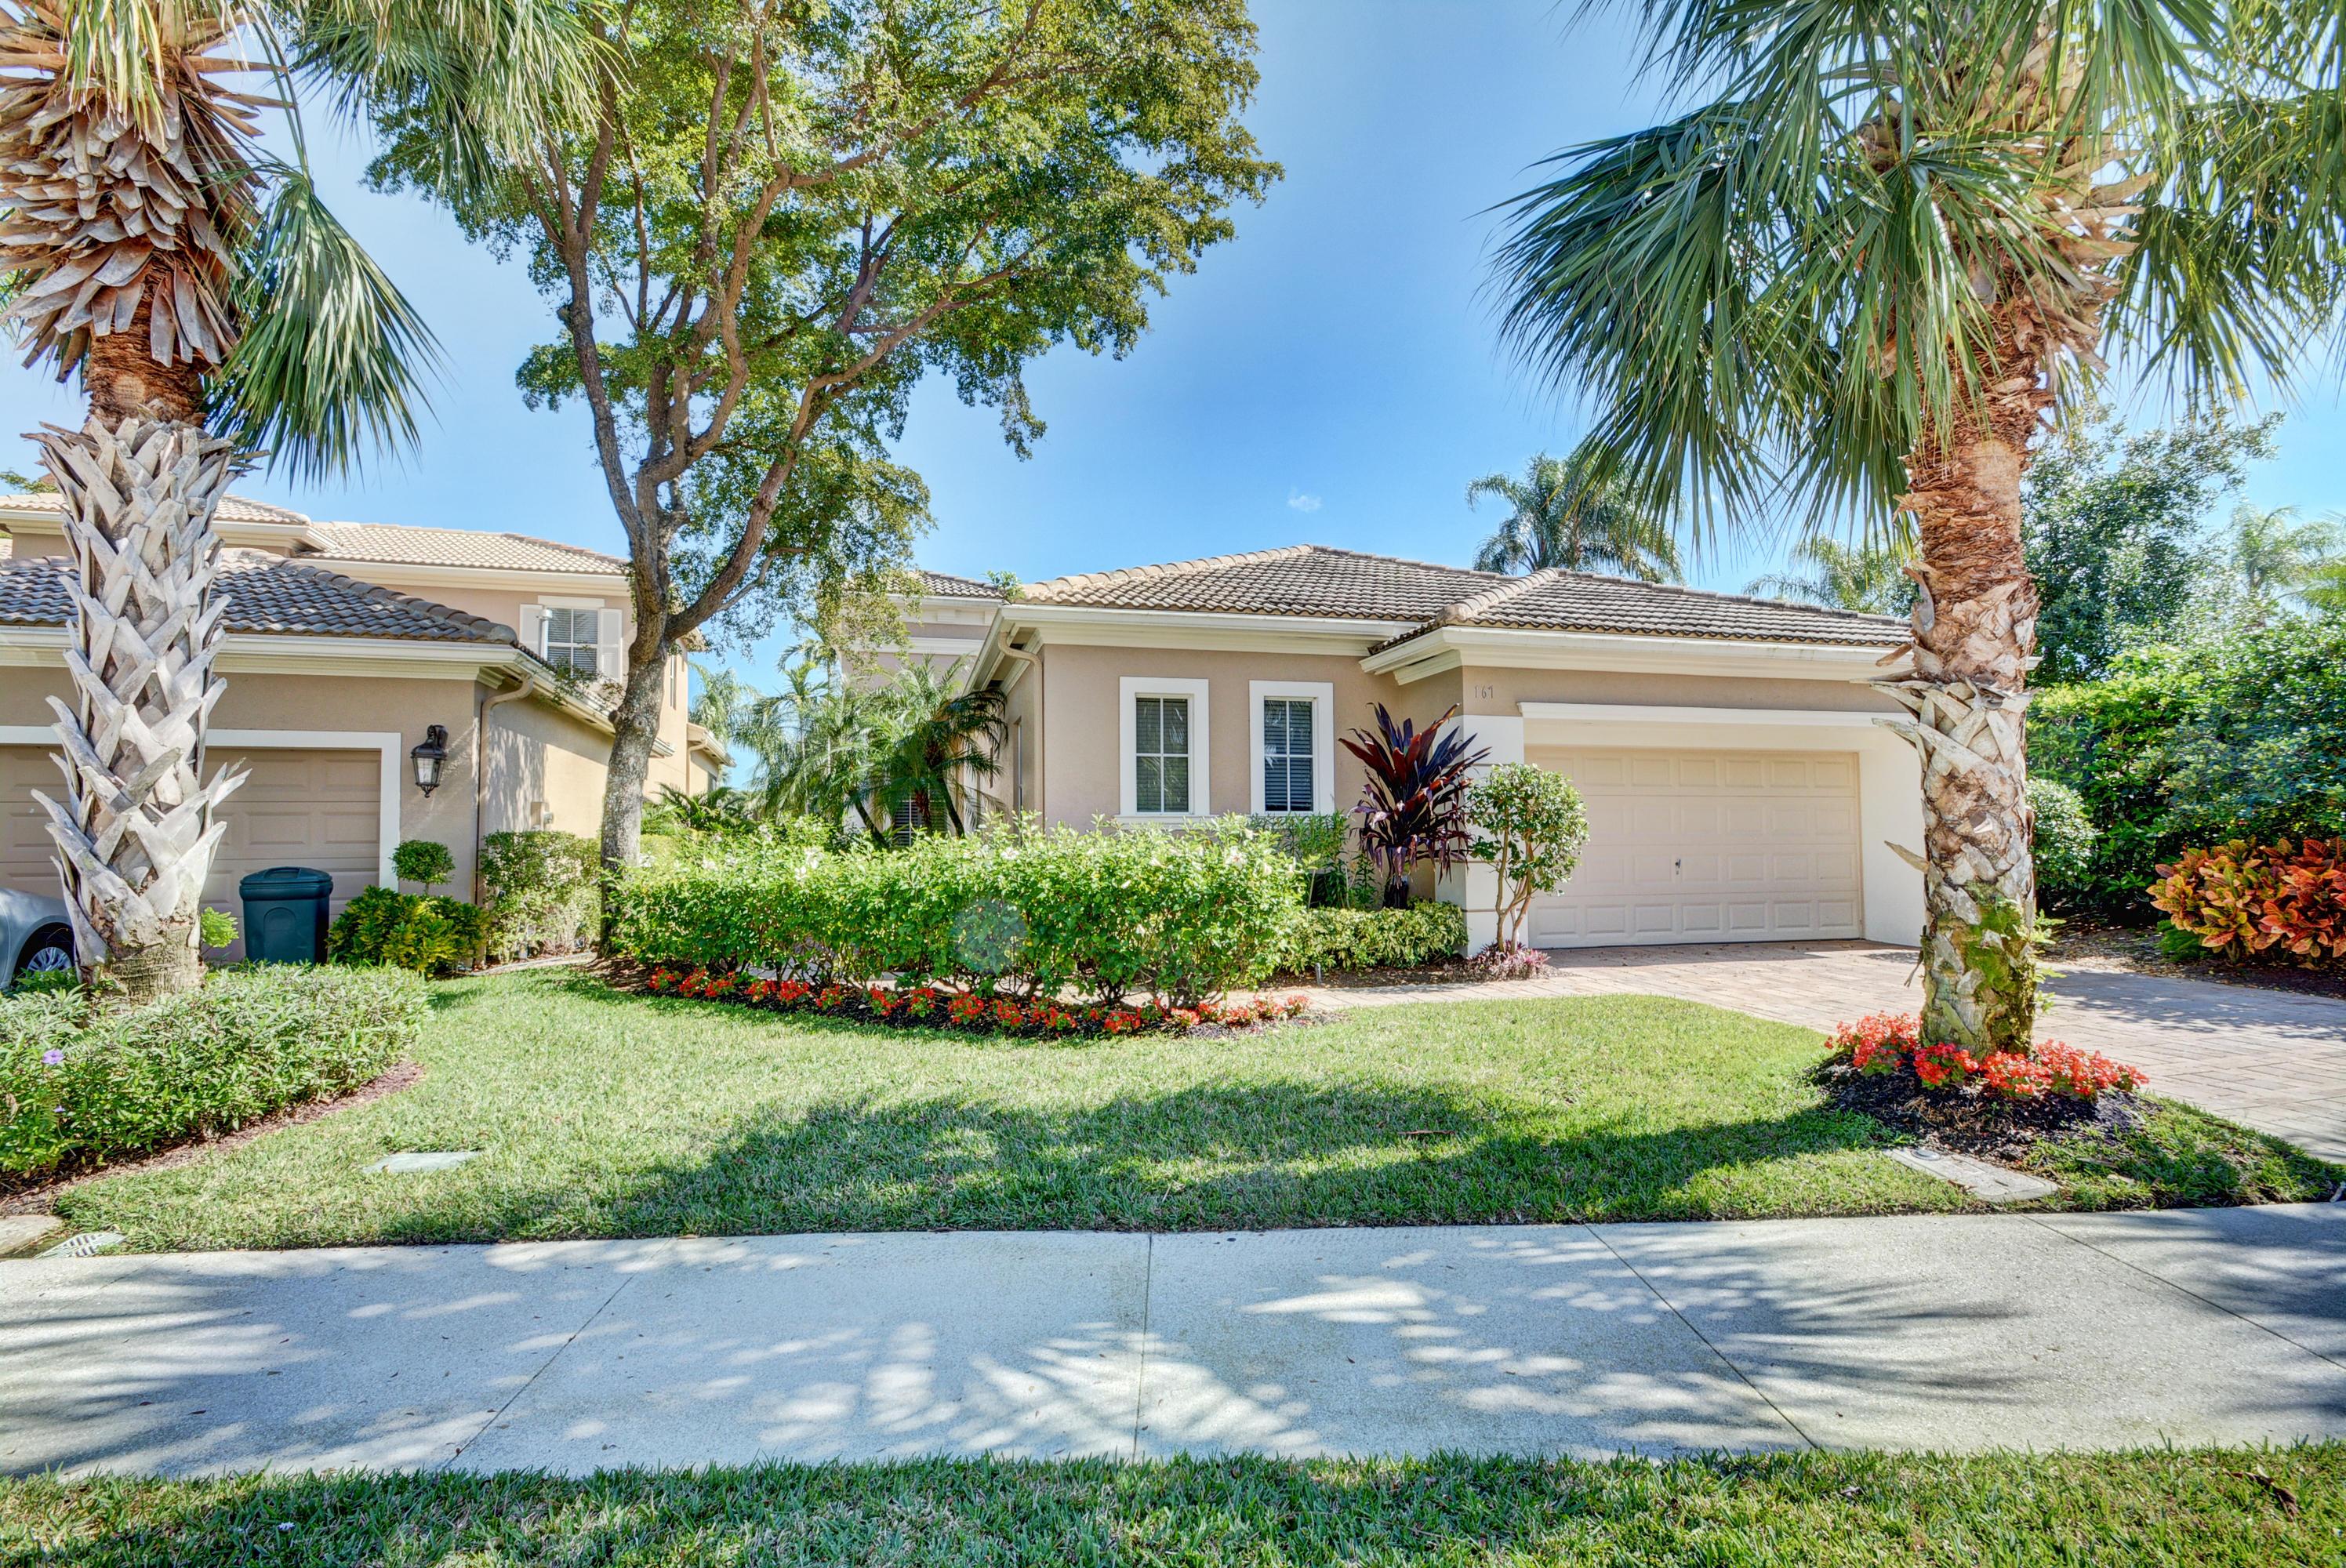 BallenIsles Palm Beach Gardens Rentals | Jeff Lichtenstein 561-346-8383